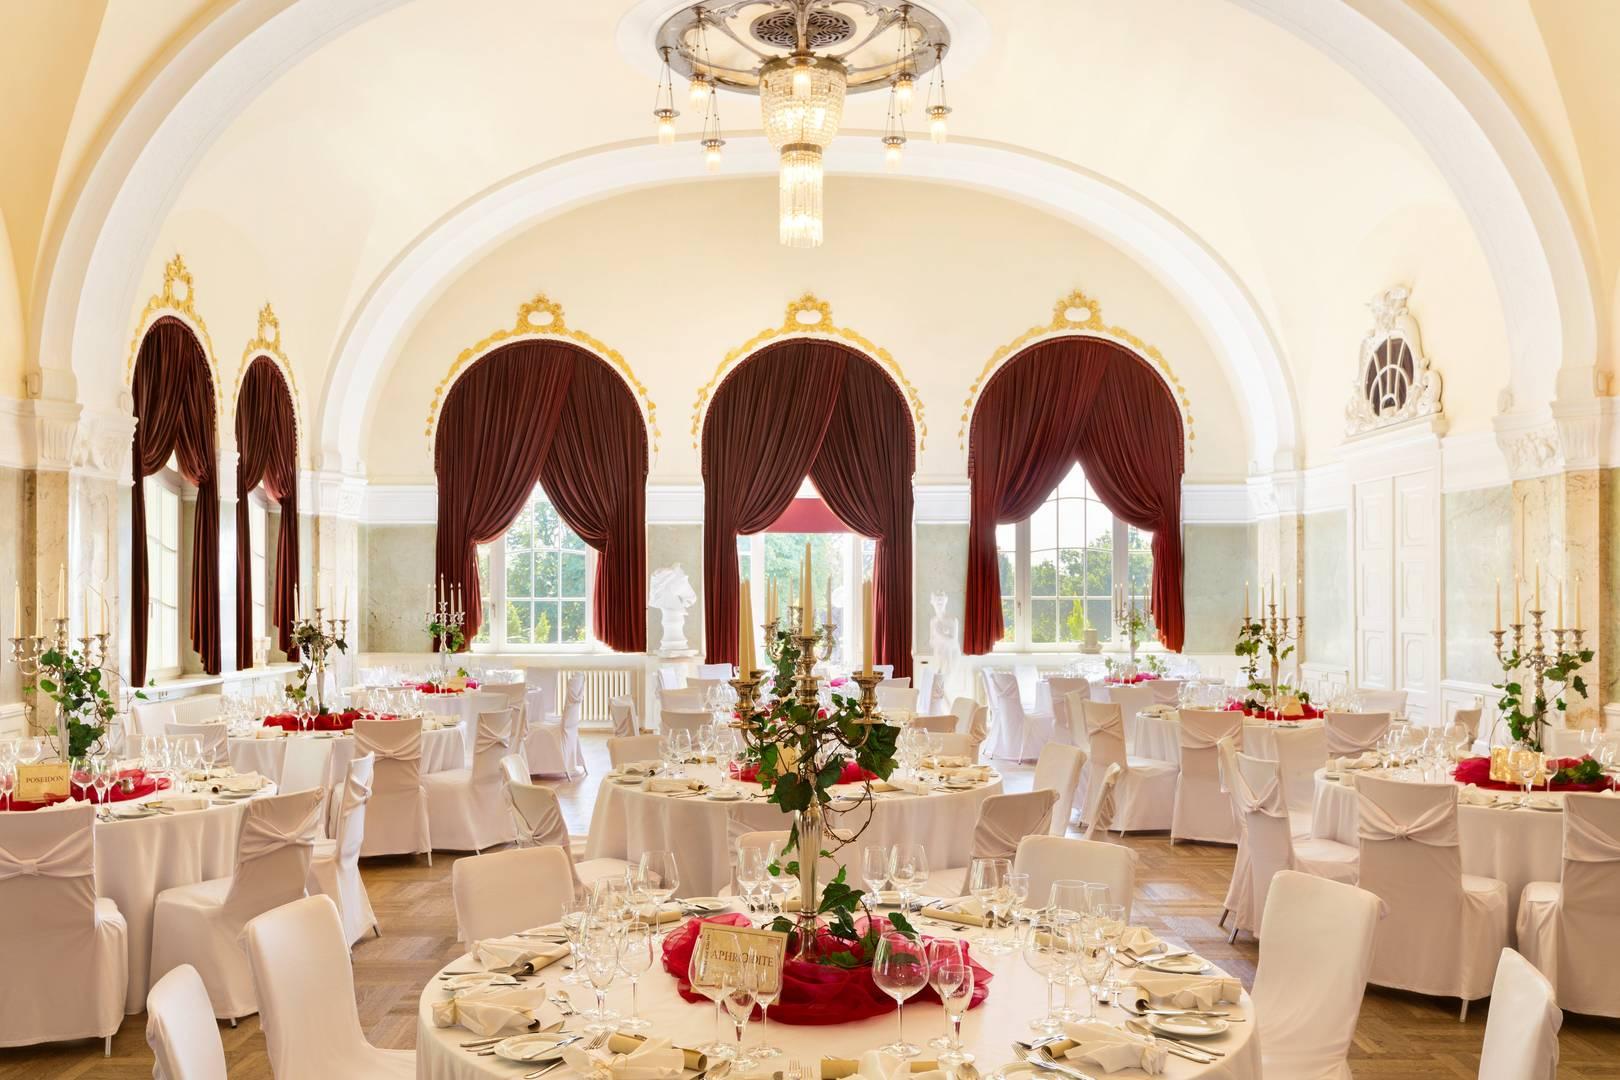 Hochzeitssaal frankfurt Hochzeitslocations in